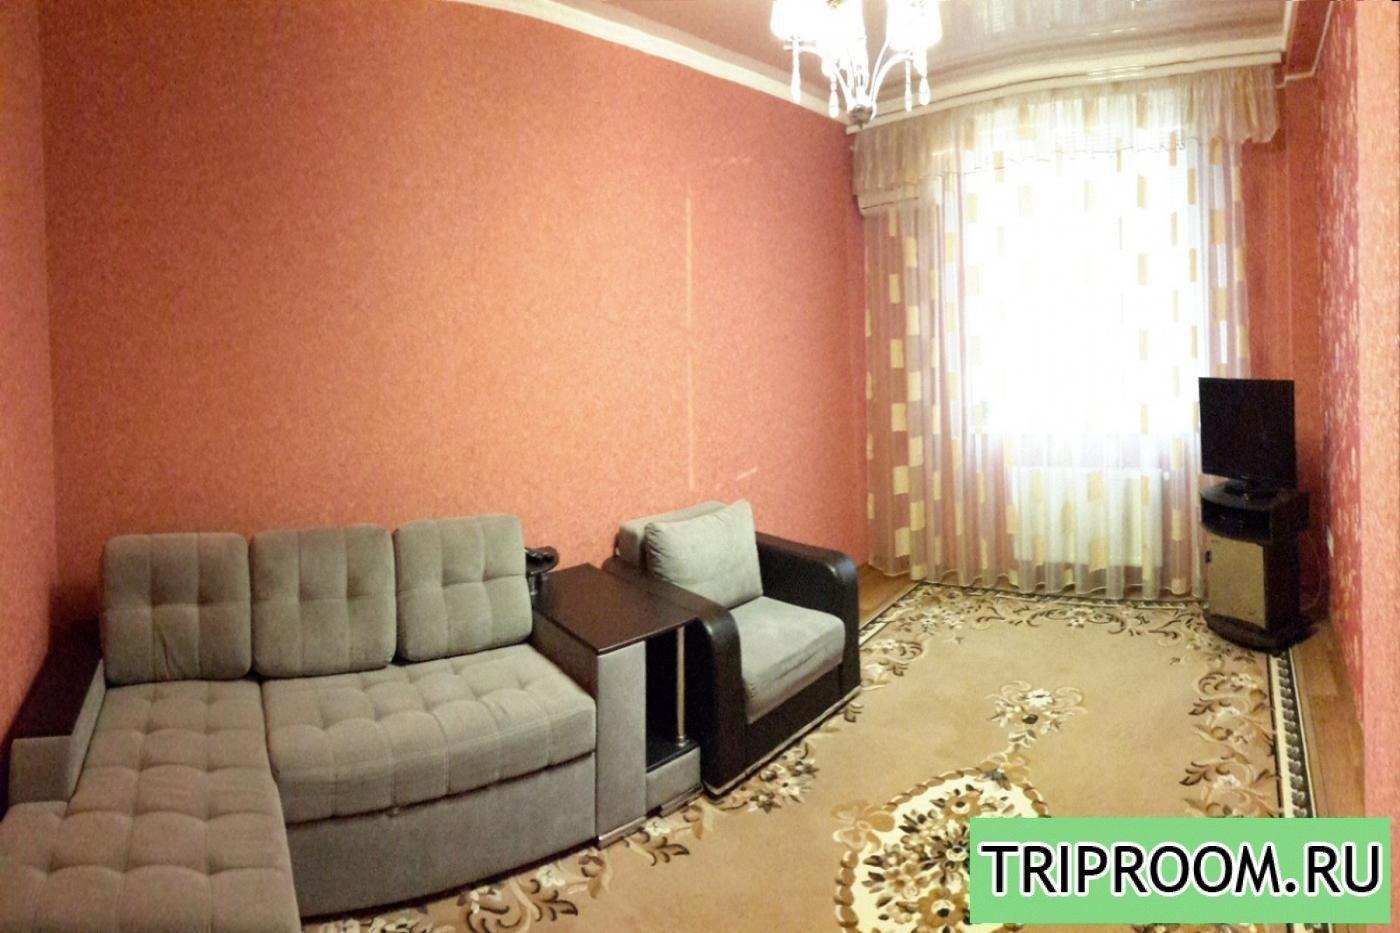 1-комнатная квартира посуточно (вариант № 1359), ул. Античный проспект, фото № 1